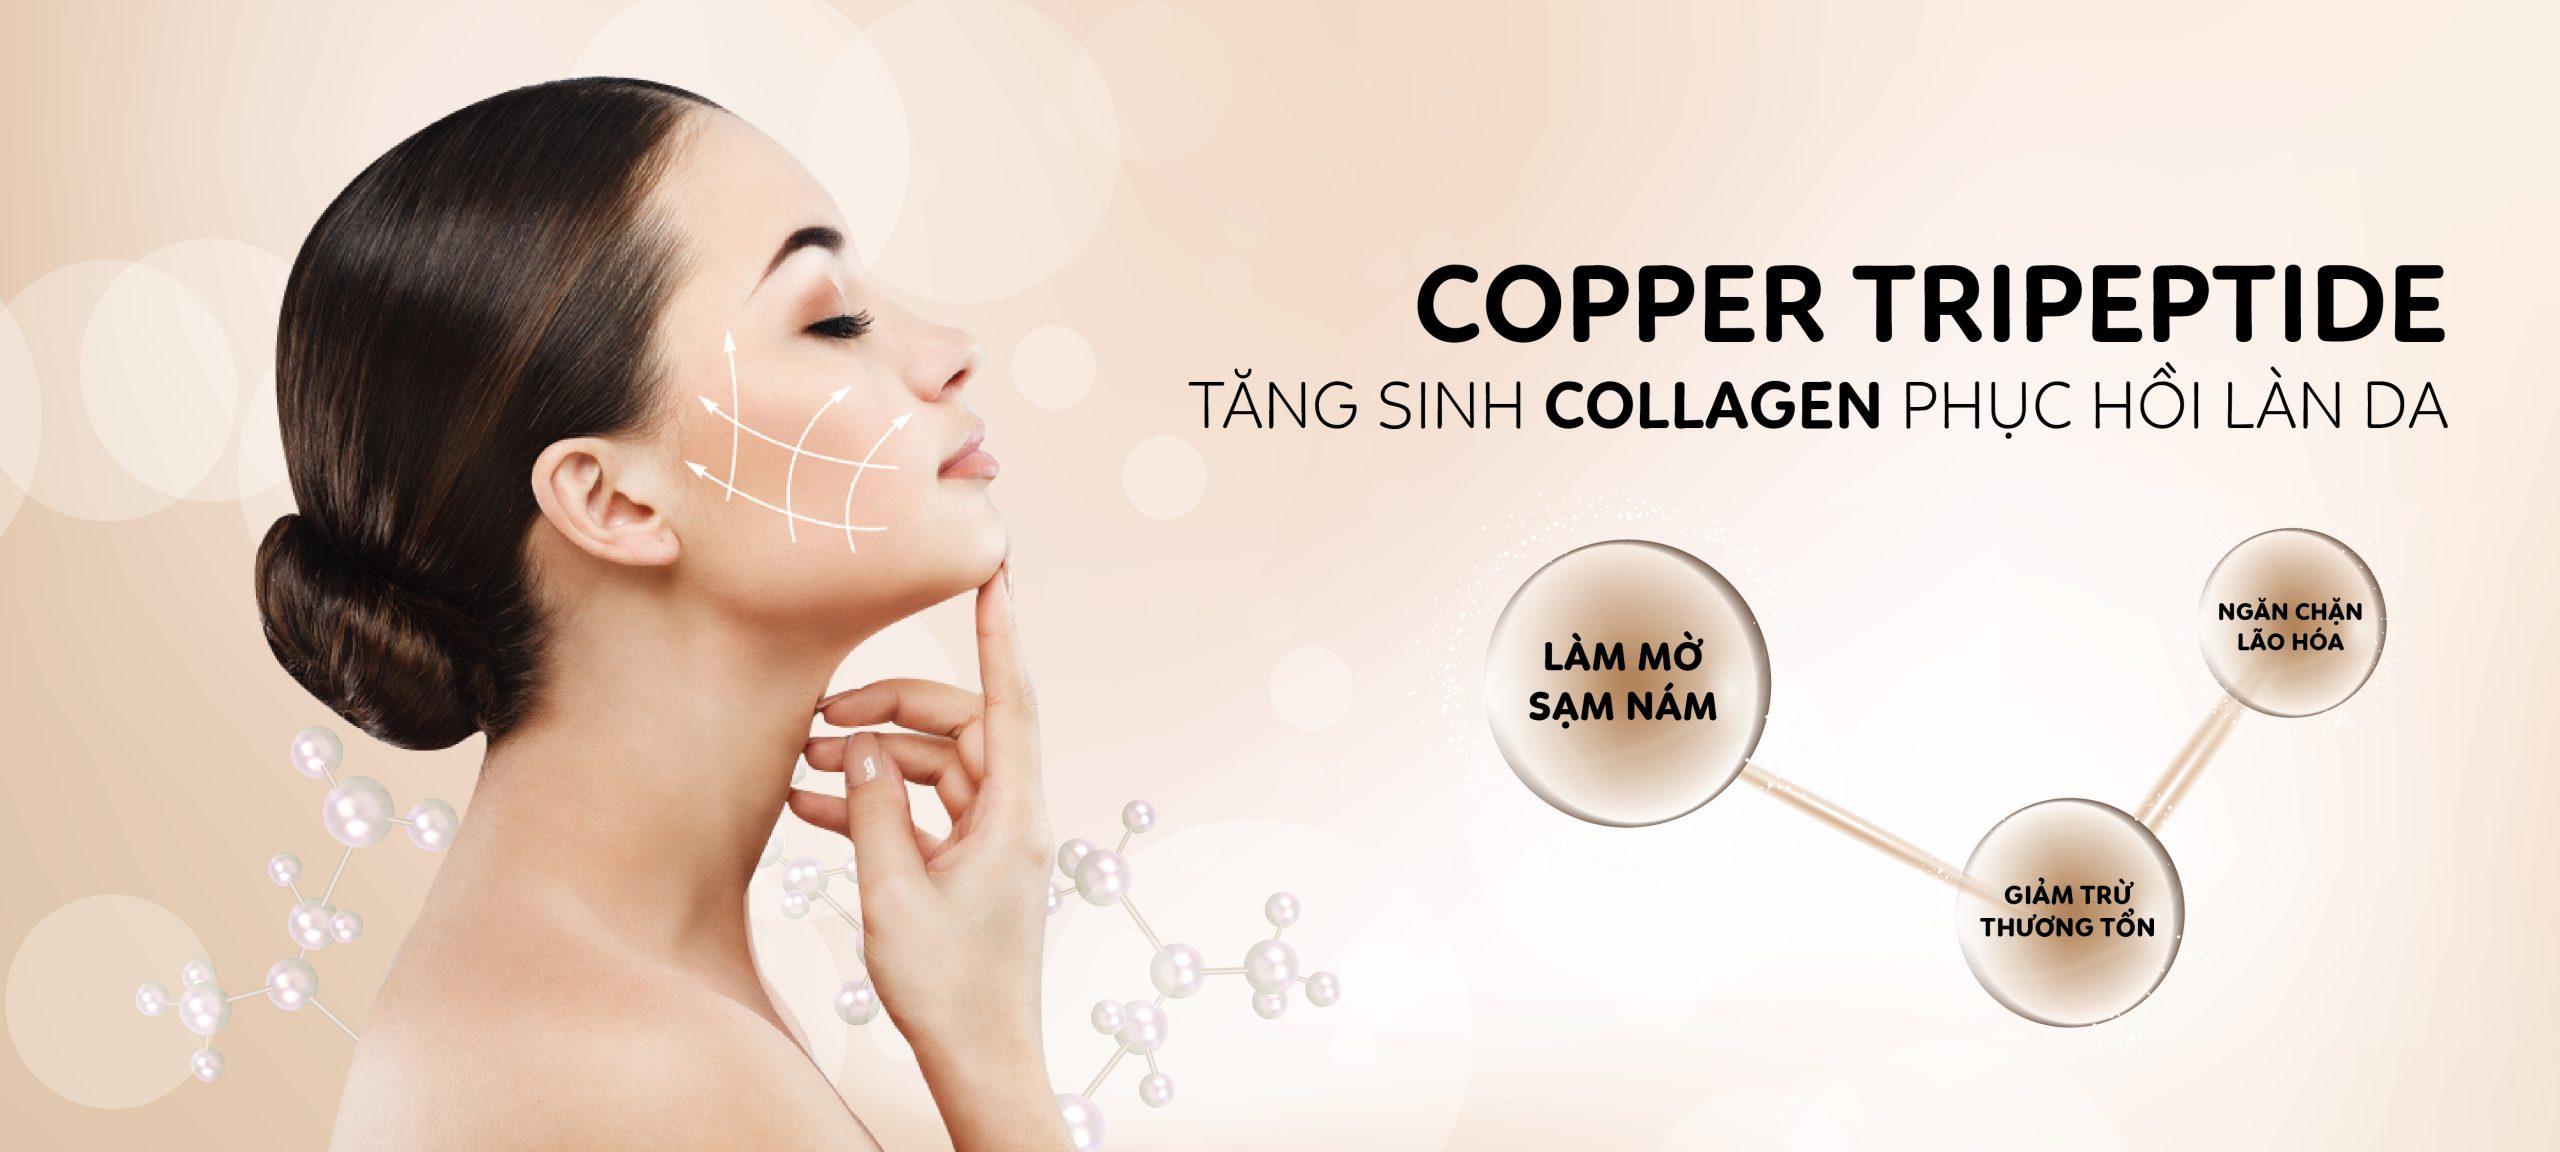 Copper Tripeptide 01 scaled